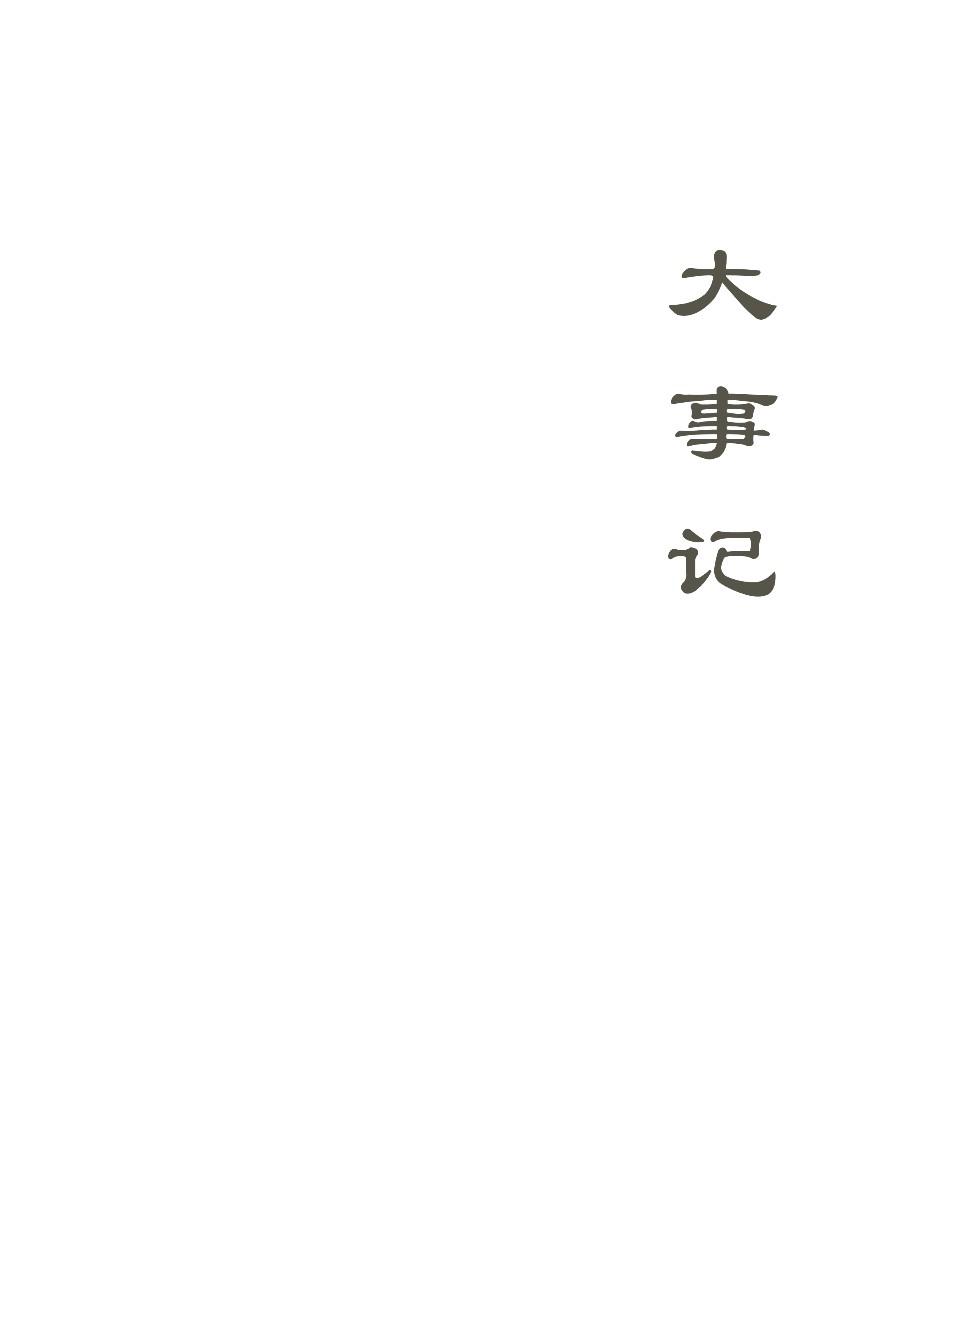 2017湖北快三开奖视频直播_366.jpg